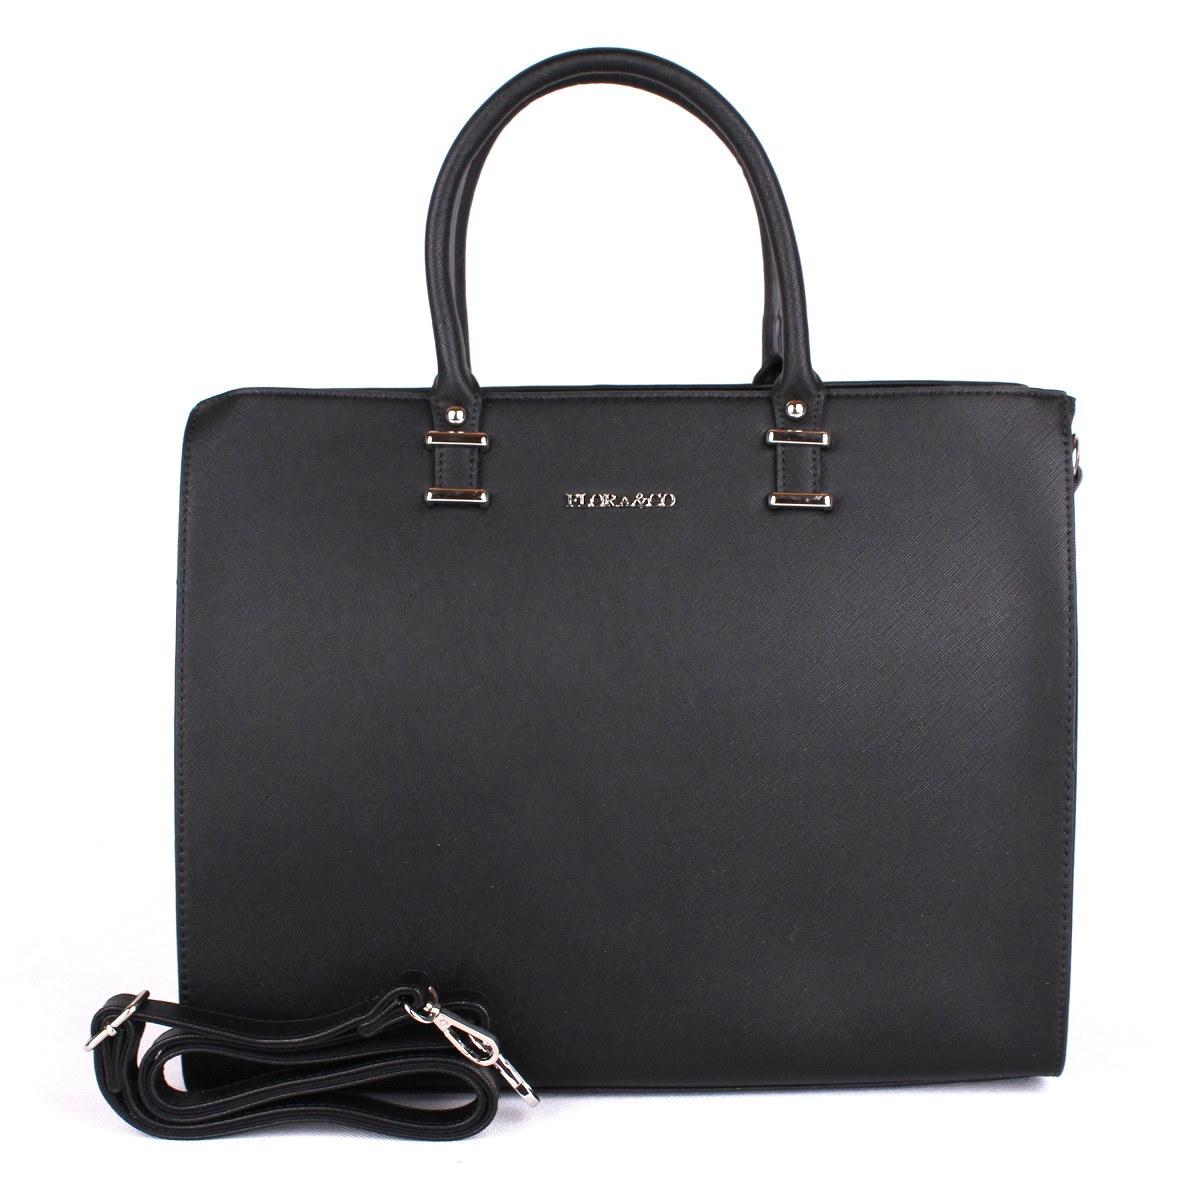 Černá velká elegantní kabelka do ruky FLORA&CO F9238 | Oázakabelek.cz